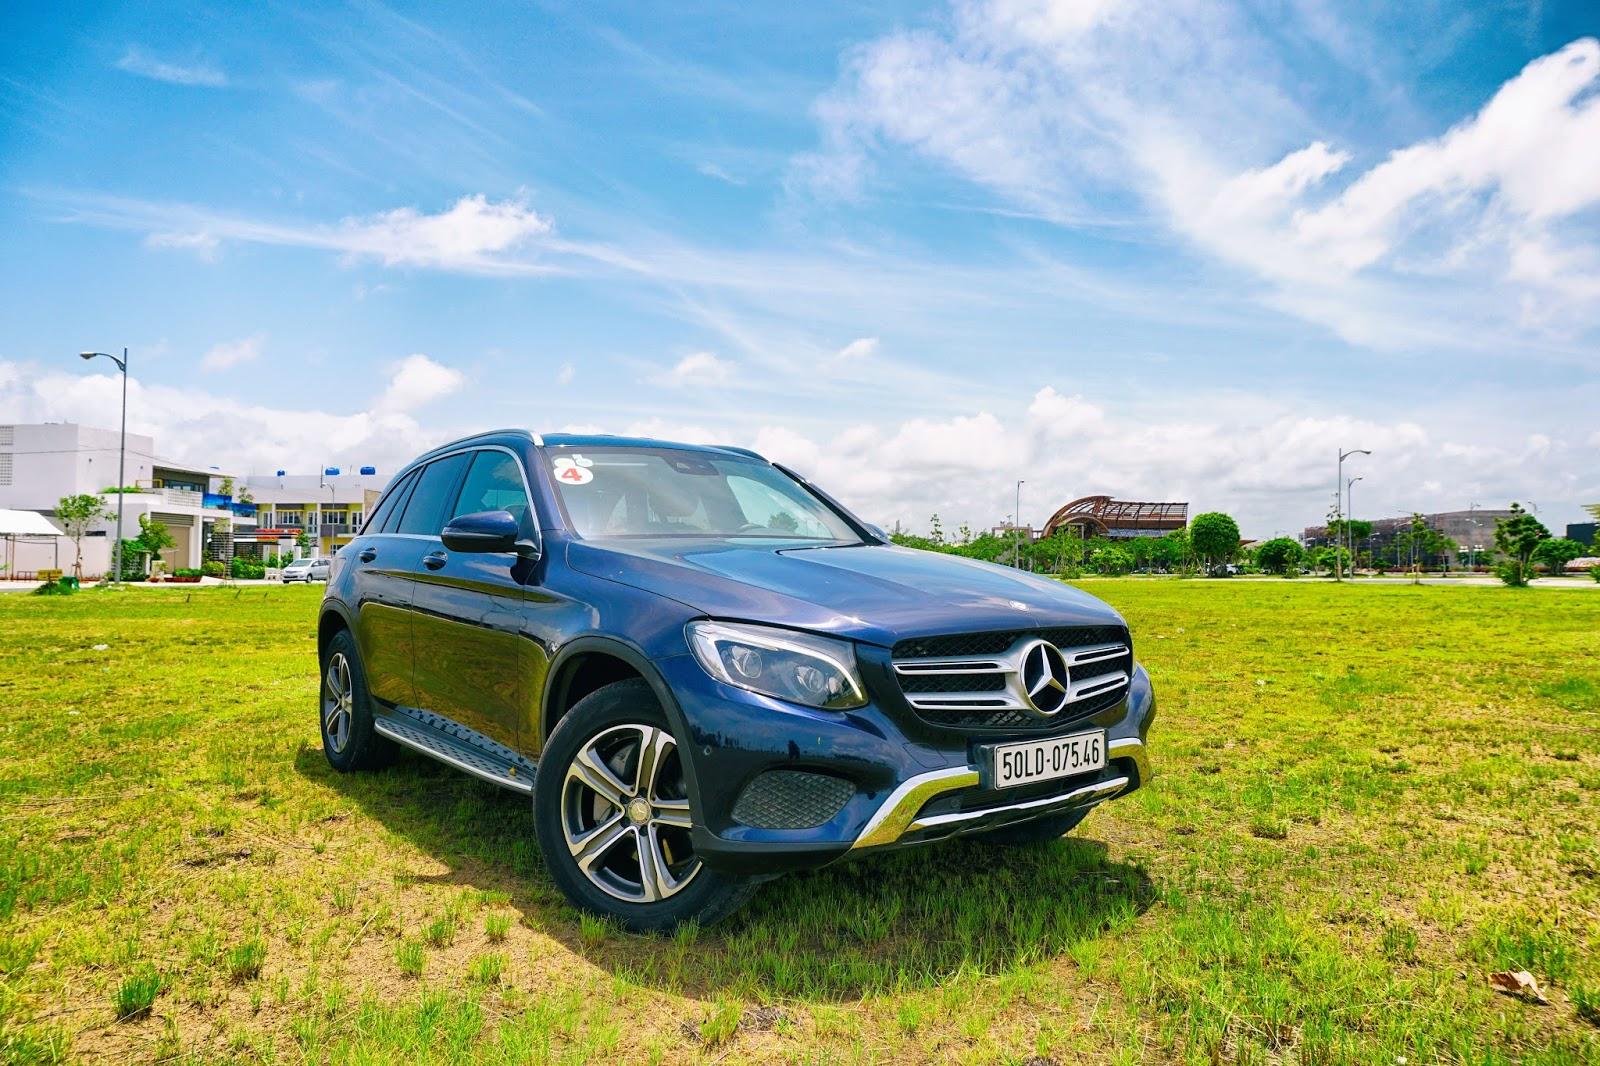 Mercedes Benz GLC là một chiếc xe gia đình đa năng, bình dân nhất của Mercedes